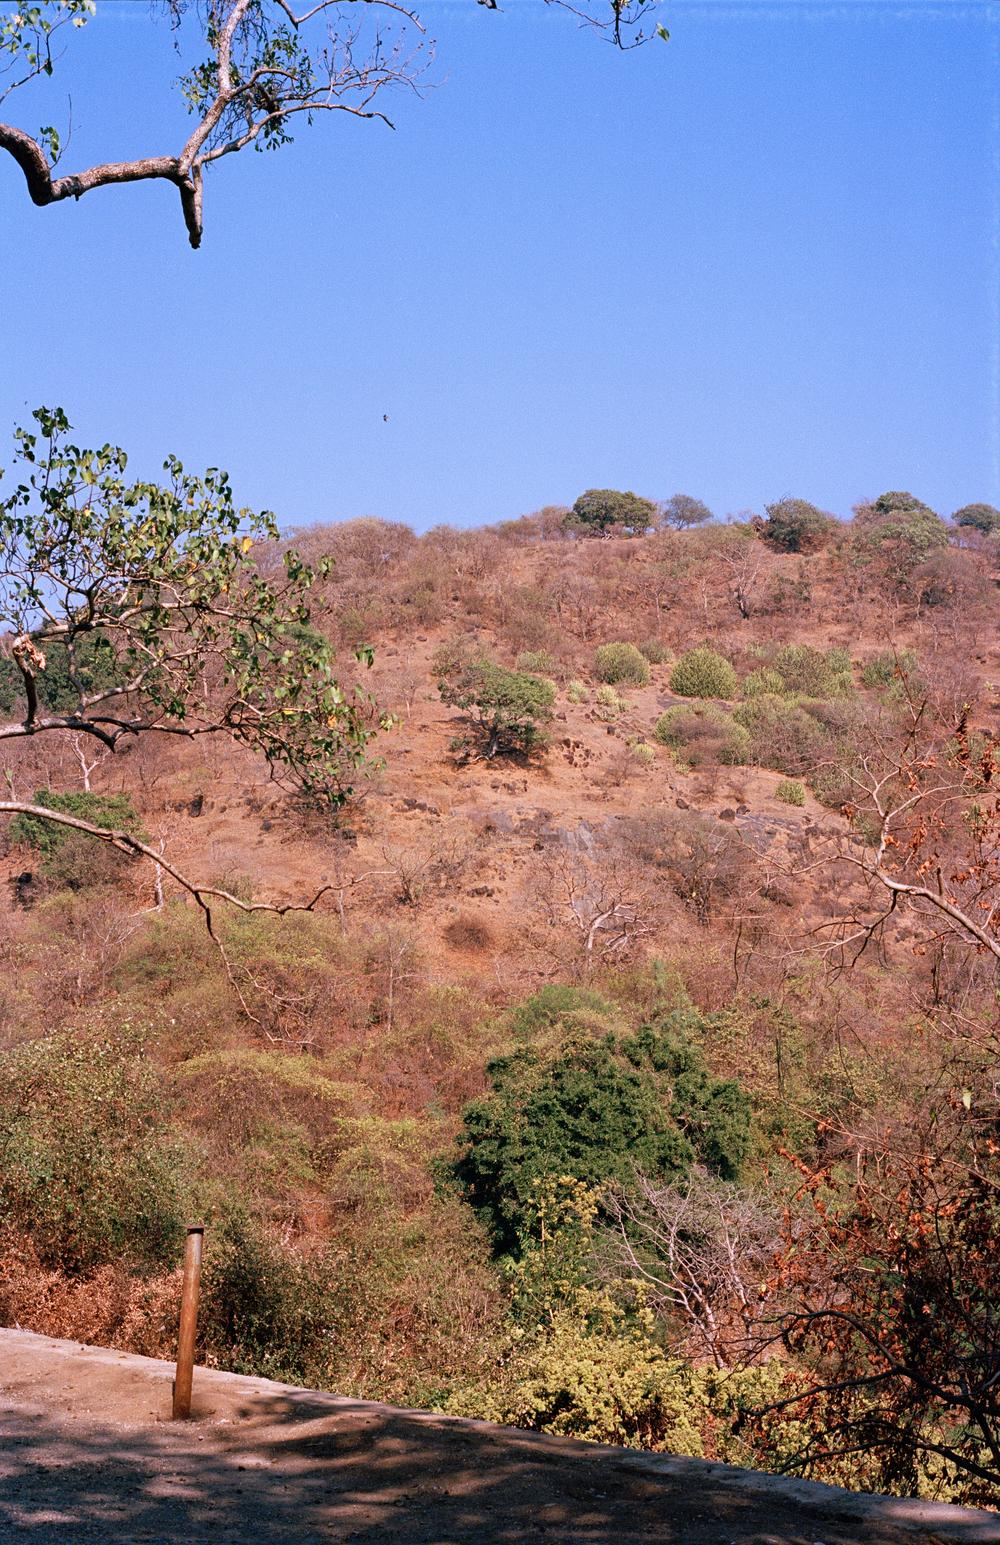 India_Nature.jpg